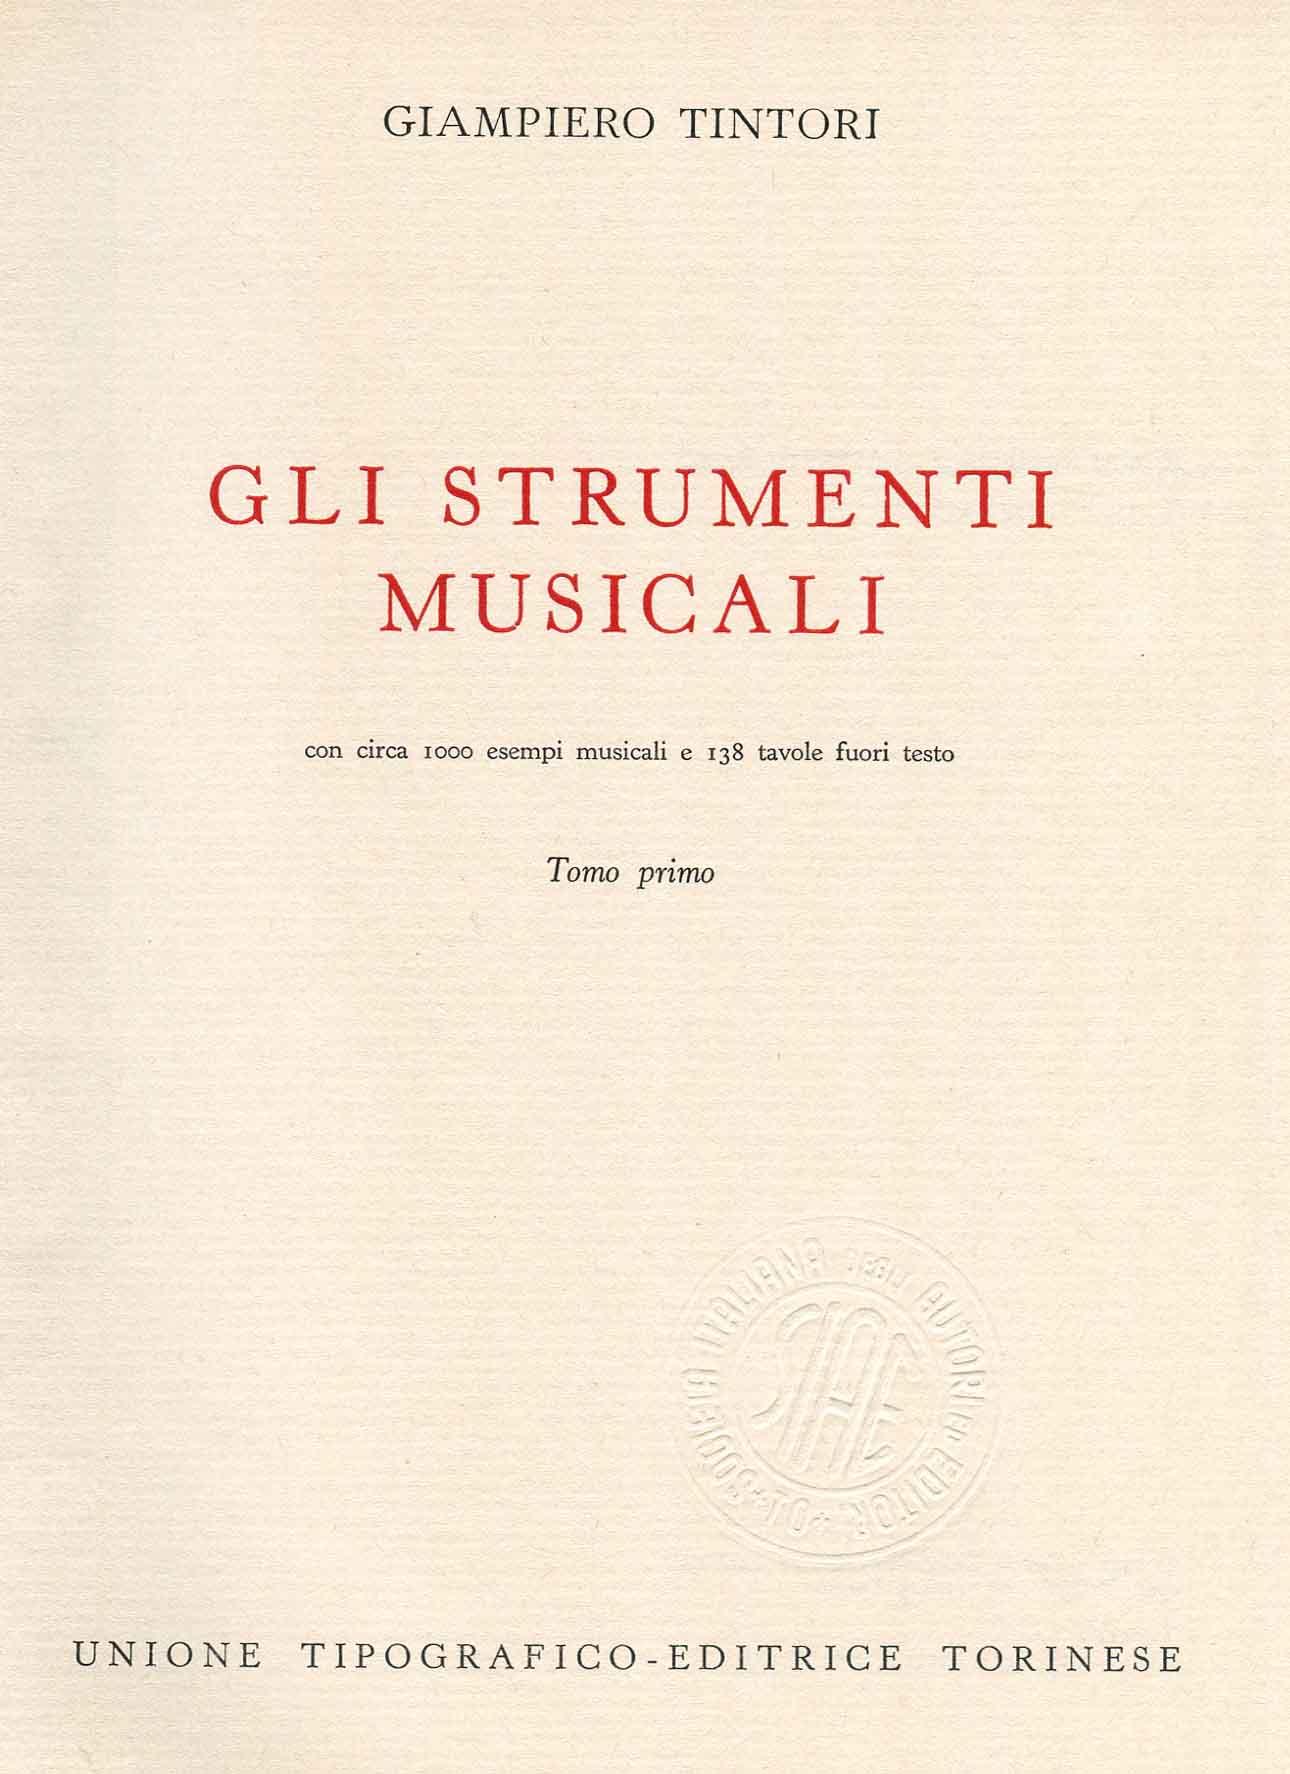 Gli strumenti musicali : con circa 1000 esempi musicali e 138 tavole fuori testo ; 1